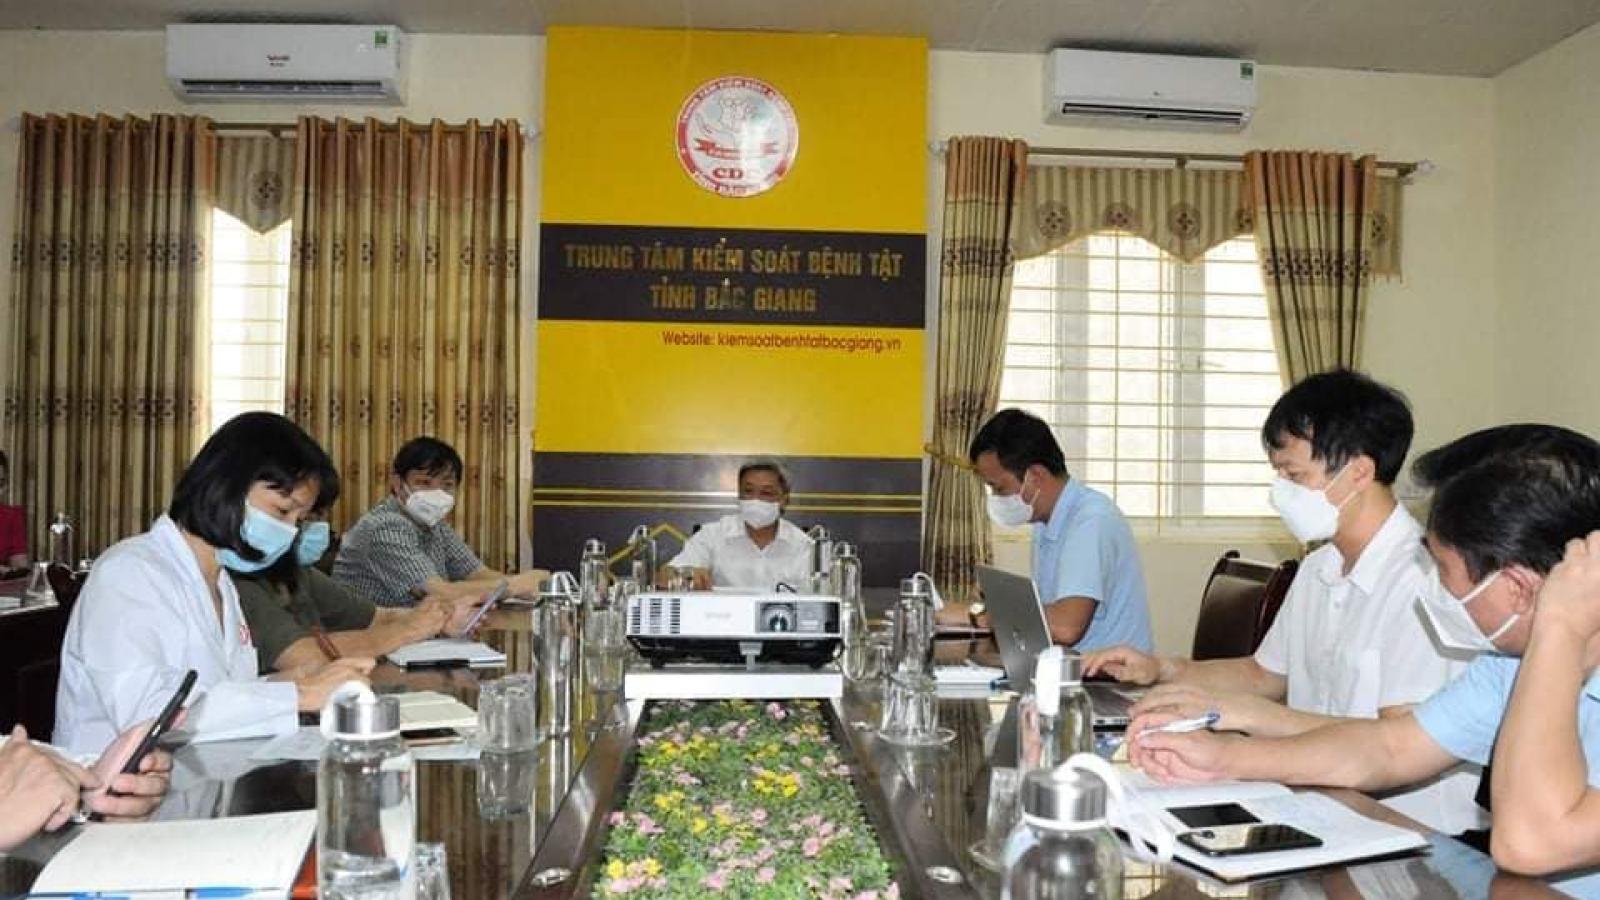 Bộ Y tế: Bắc Giang khẩn trương hoàn thiện chiến lược xét nghiệm